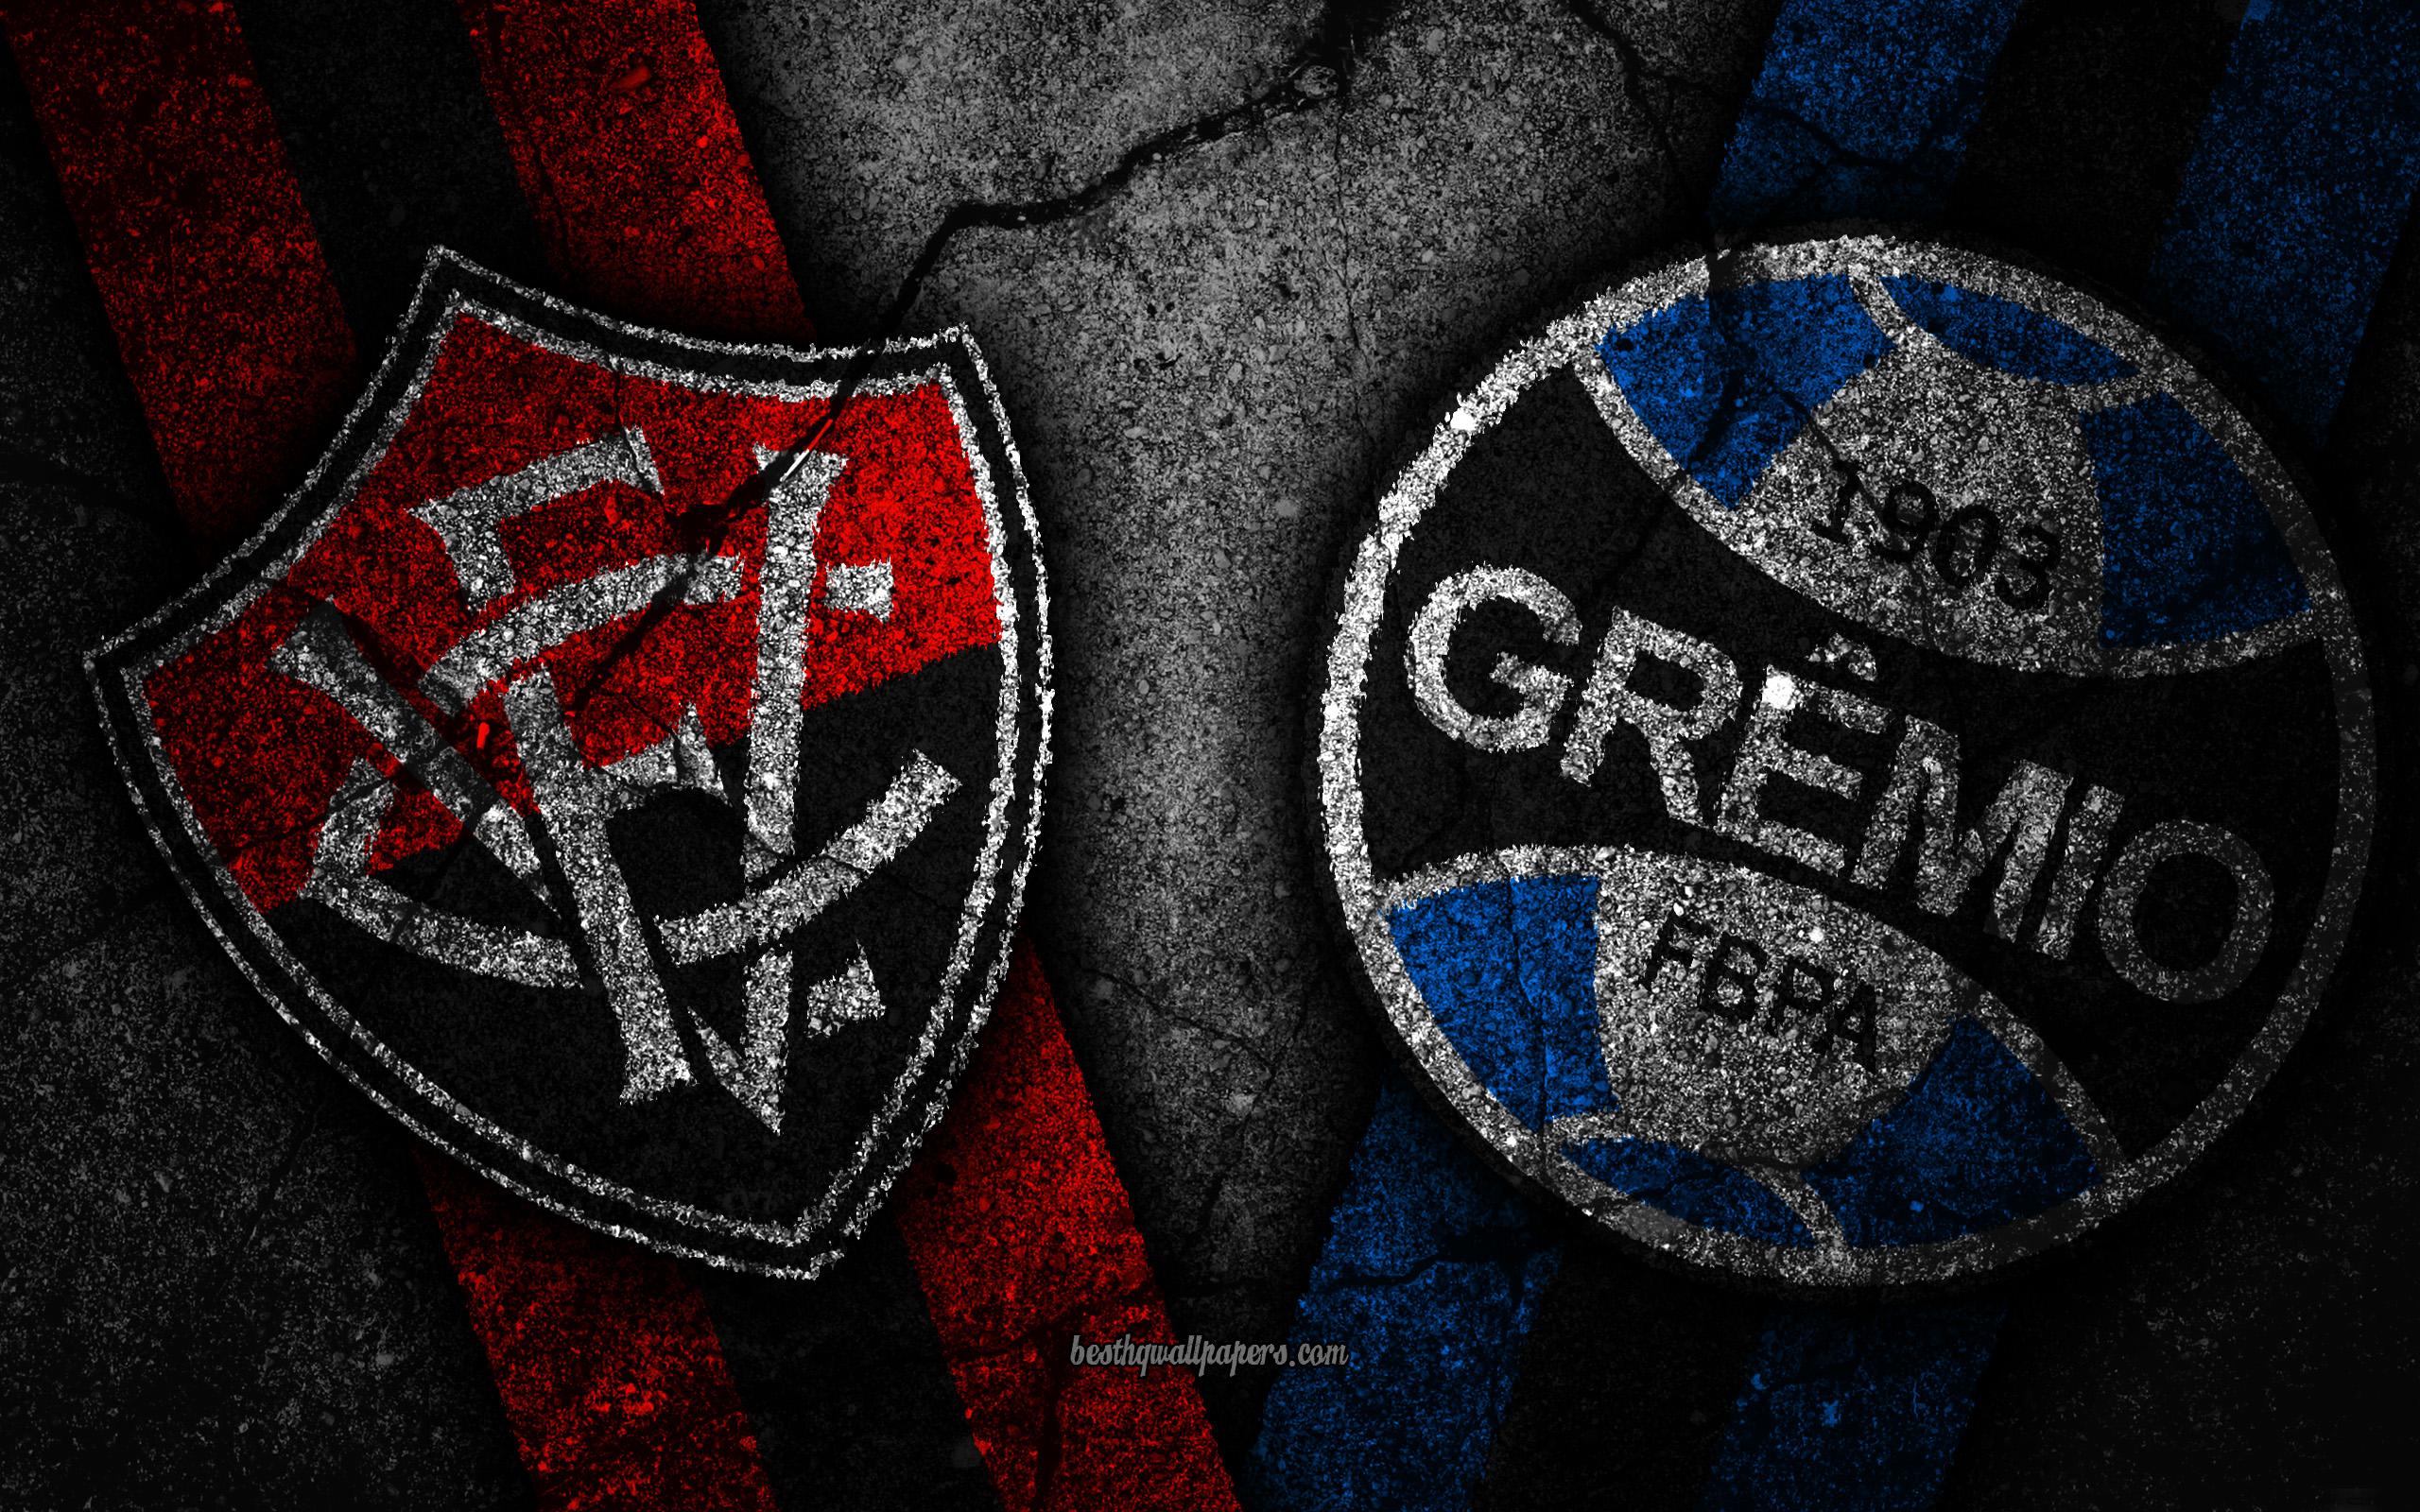 Download wallpapers Vitoria vs Gremio Round 36 Serie A Brazil 2560x1600